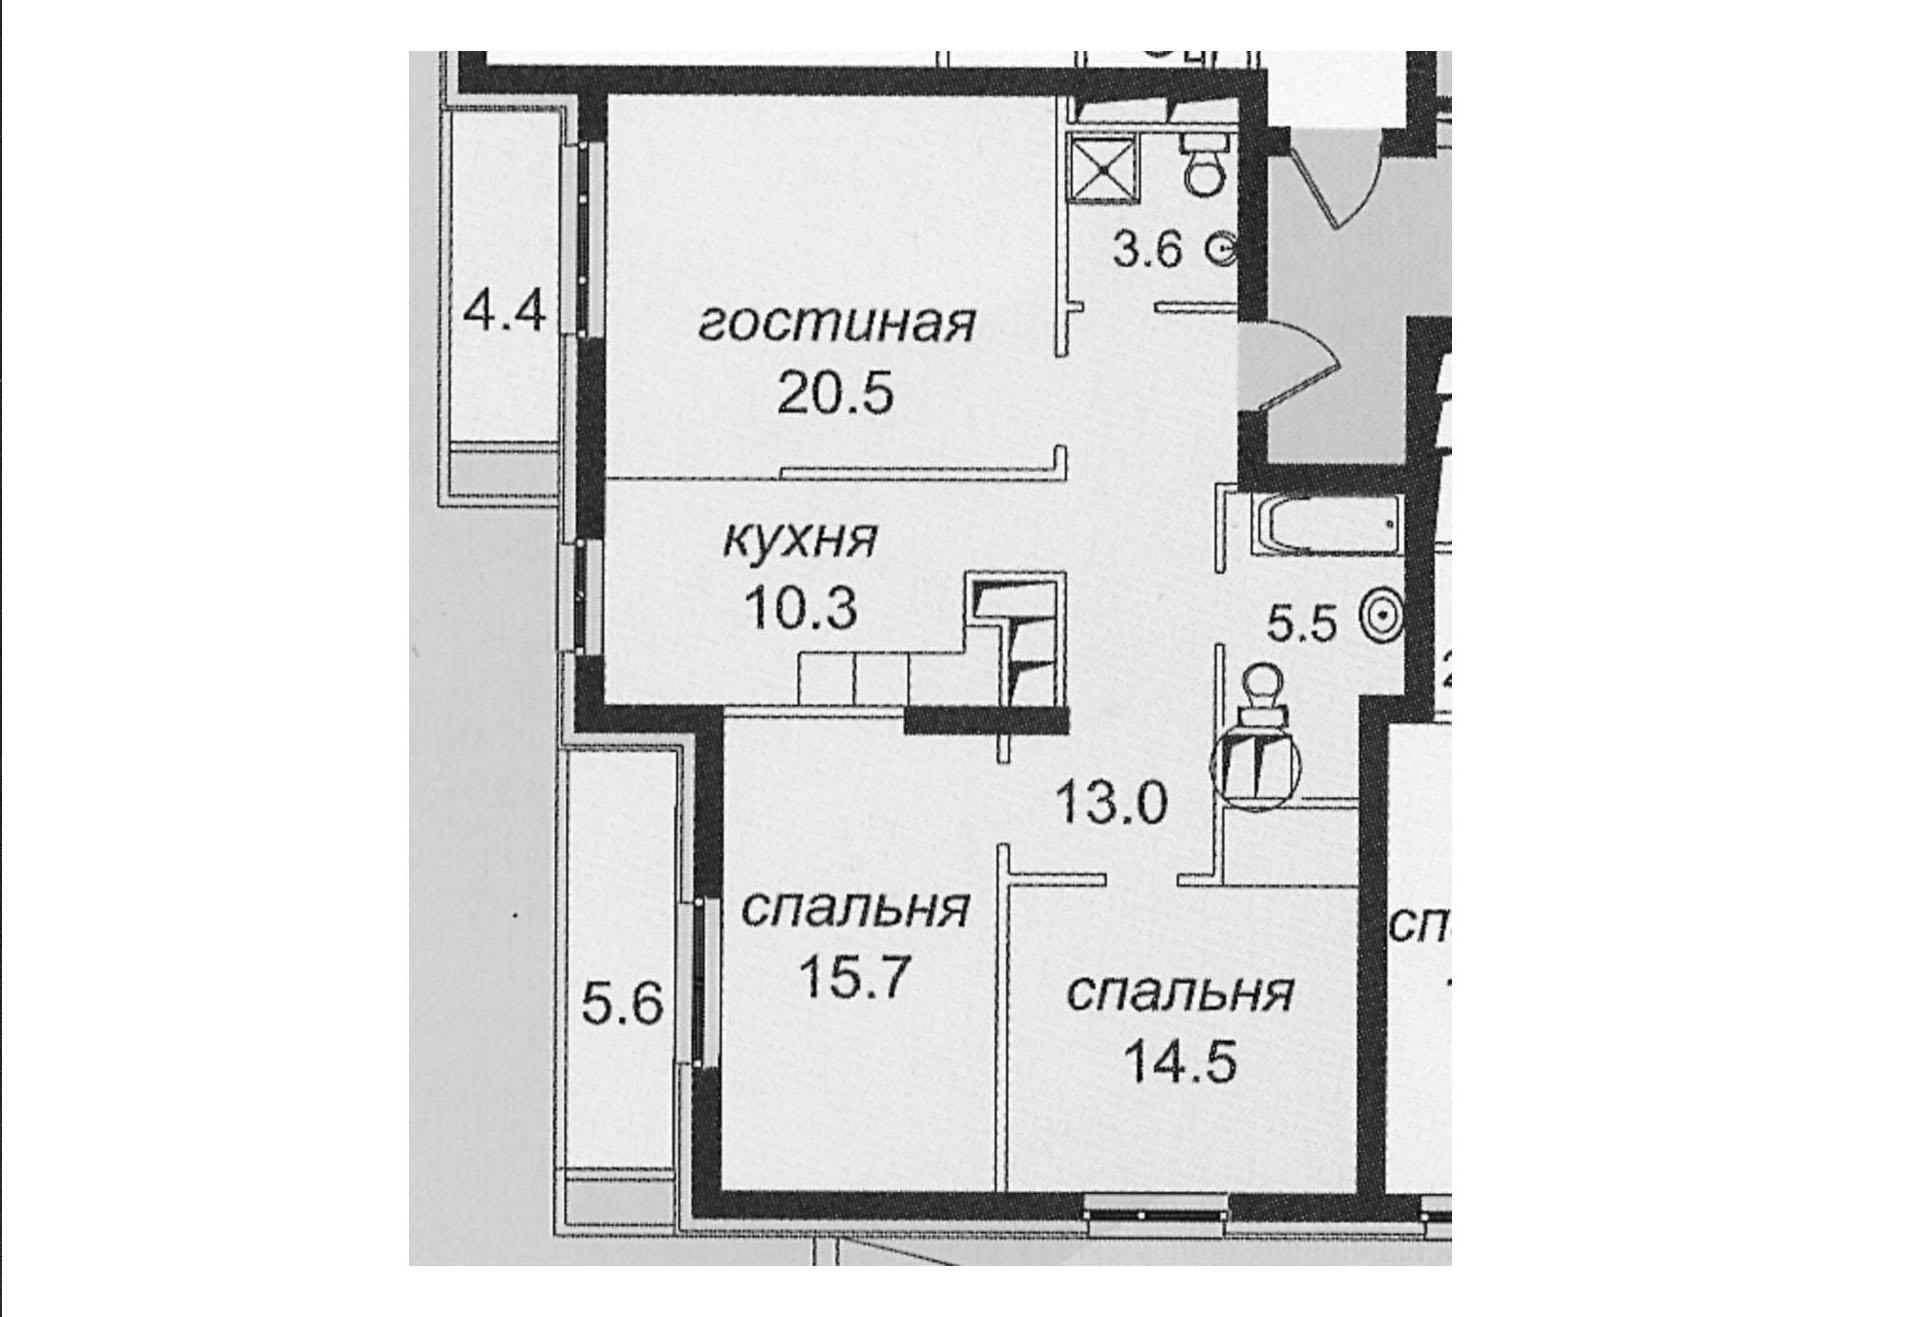 Цены прайс-лист расценки на перепланировку квартиры